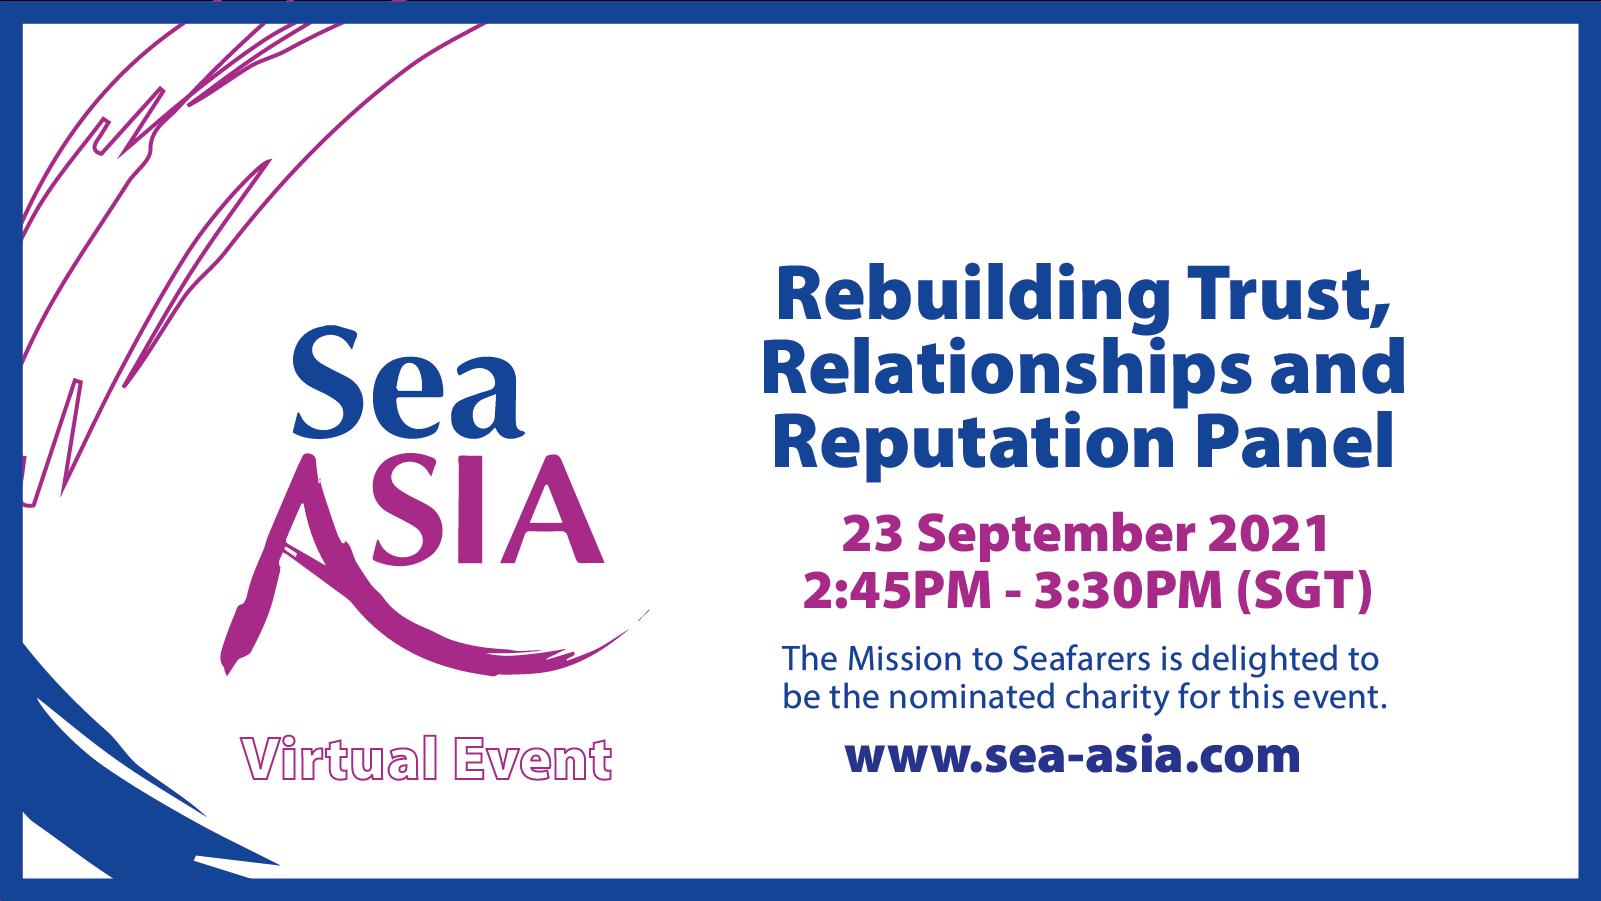 Sea Asia 2021 Virtual Event